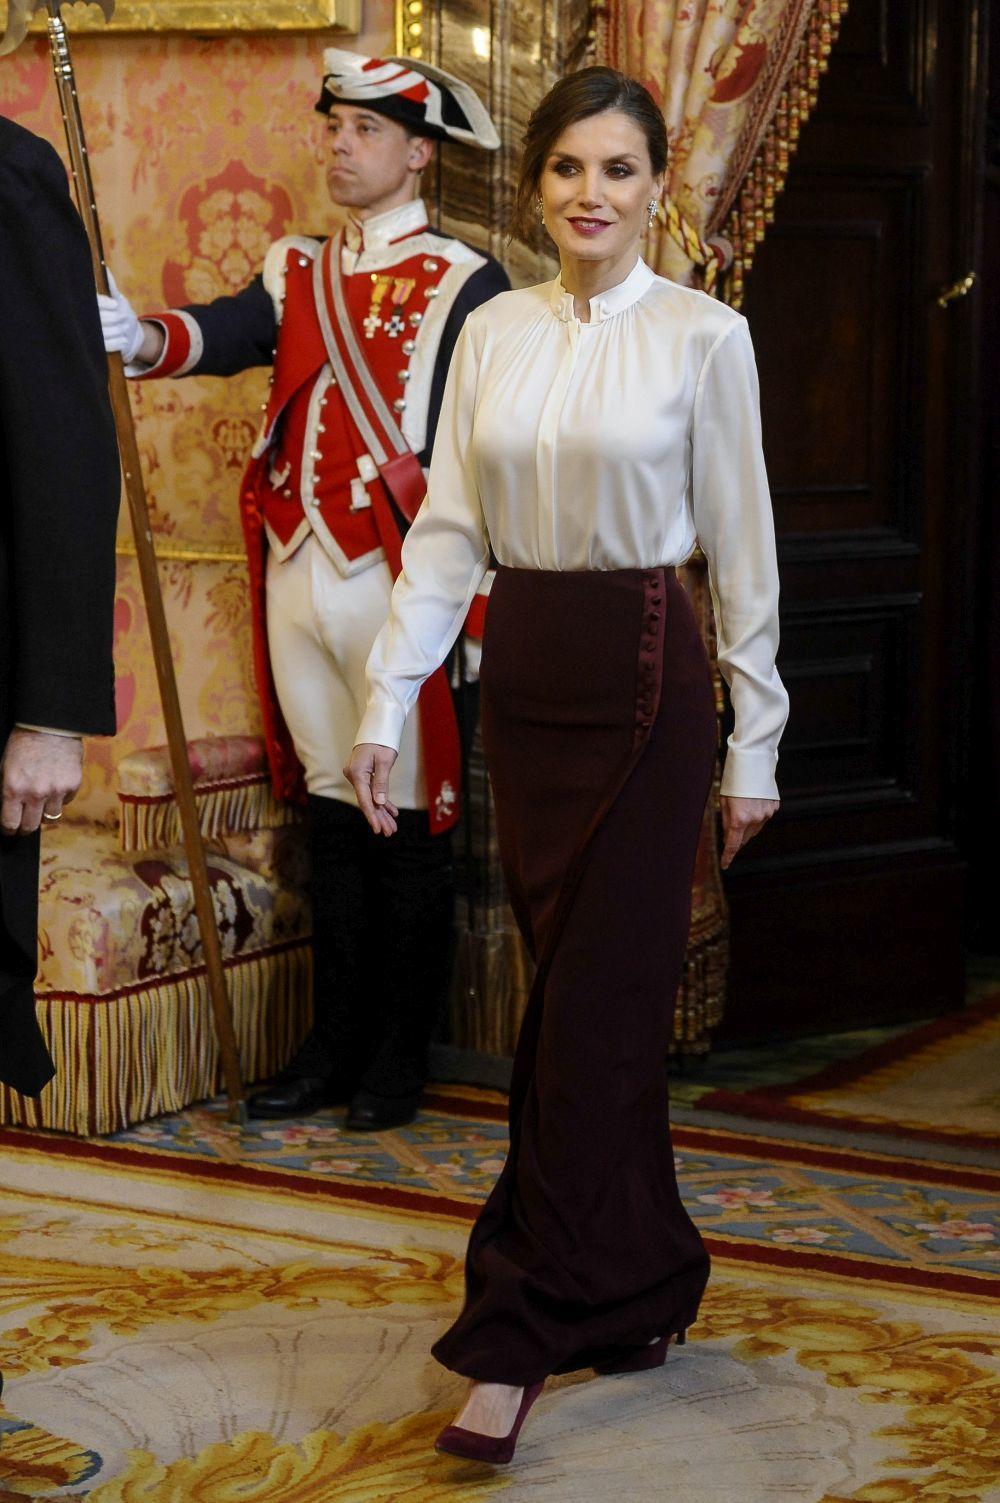 La reina Letizia con falda larga y camisa blanca durante la Recepción...